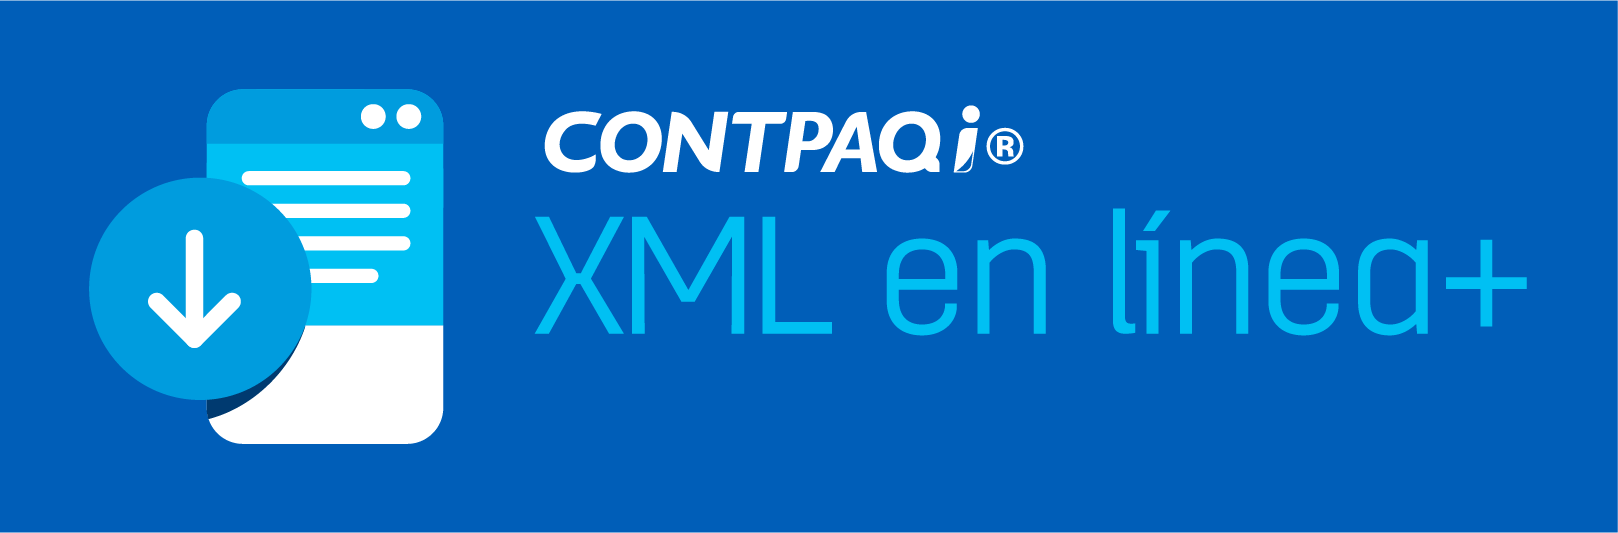 ContPAQi XML en línea